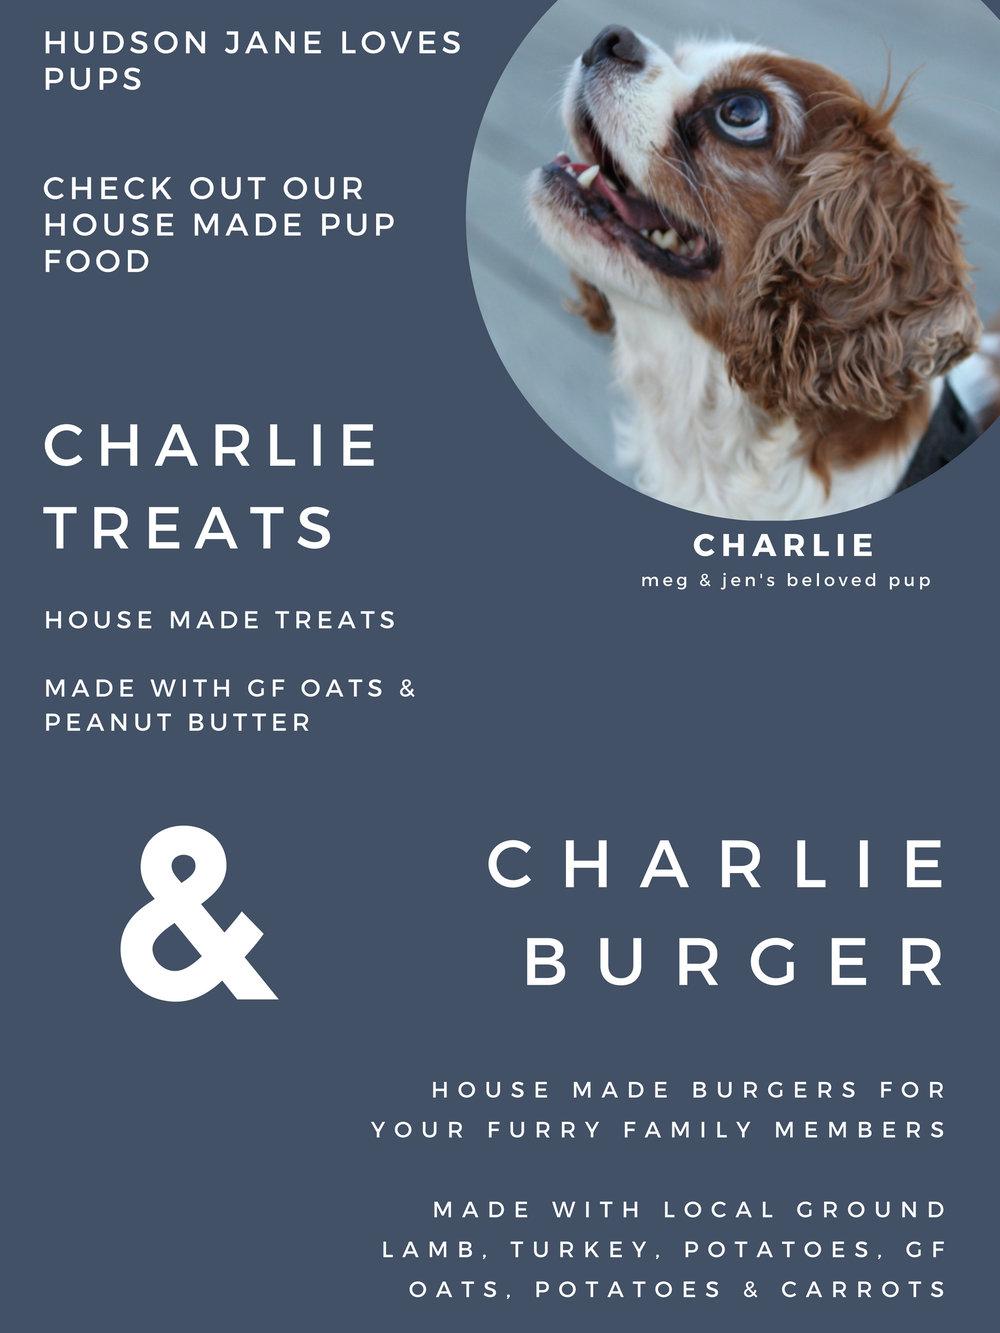 Copy of Charlie burgers.jpg